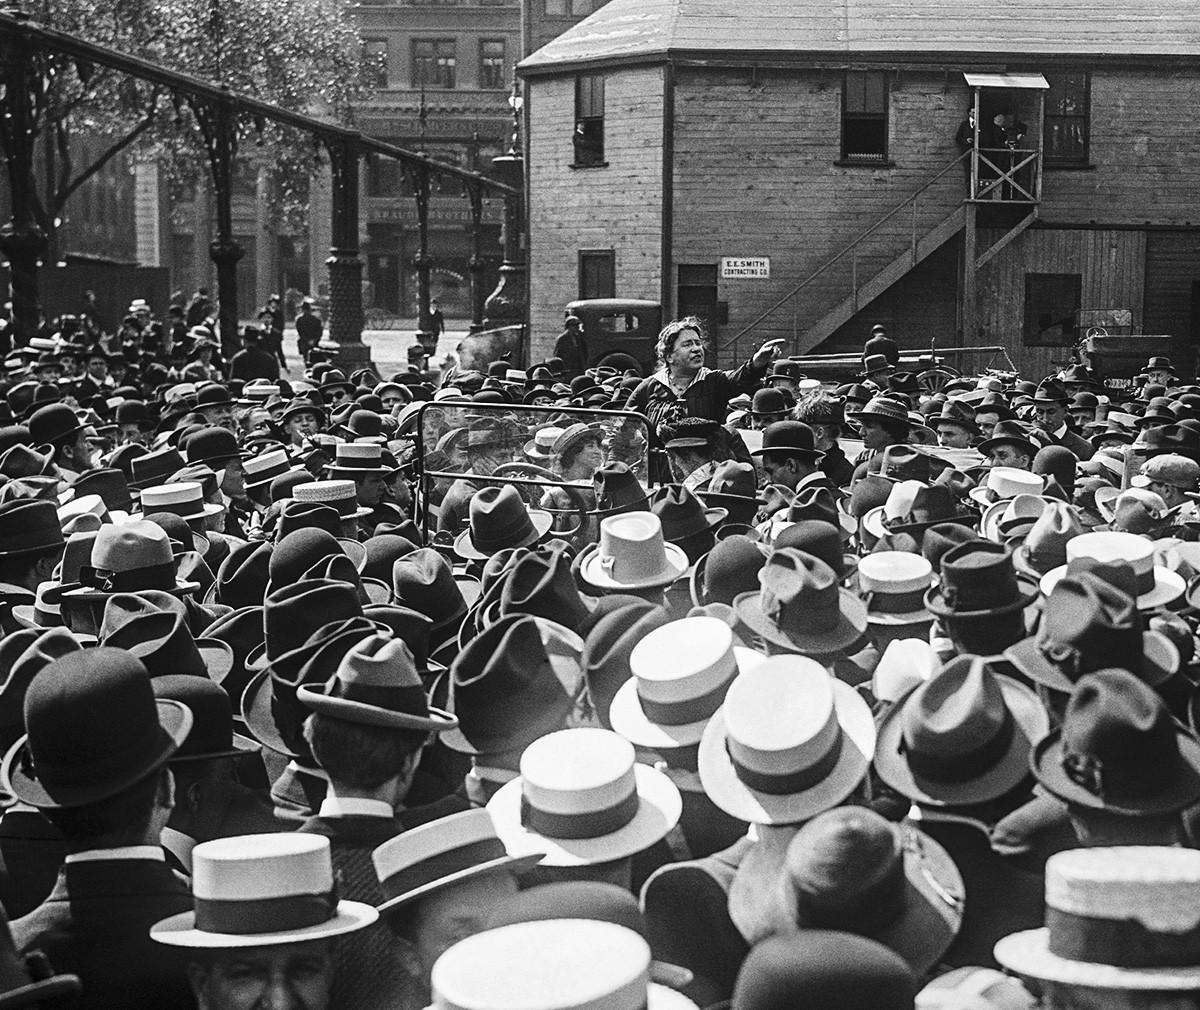 Emma Goldman, die im Auto steht, spricht über die Geburtenkontrolle im Union Square Park im Jahr 1916.